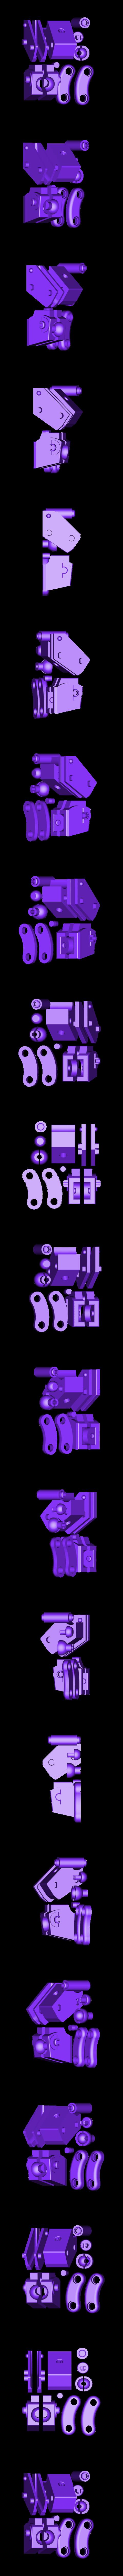 M-O_White.stl Télécharger fichier STL gratuit M-O • Plan pour imprimante 3D, ROYLO